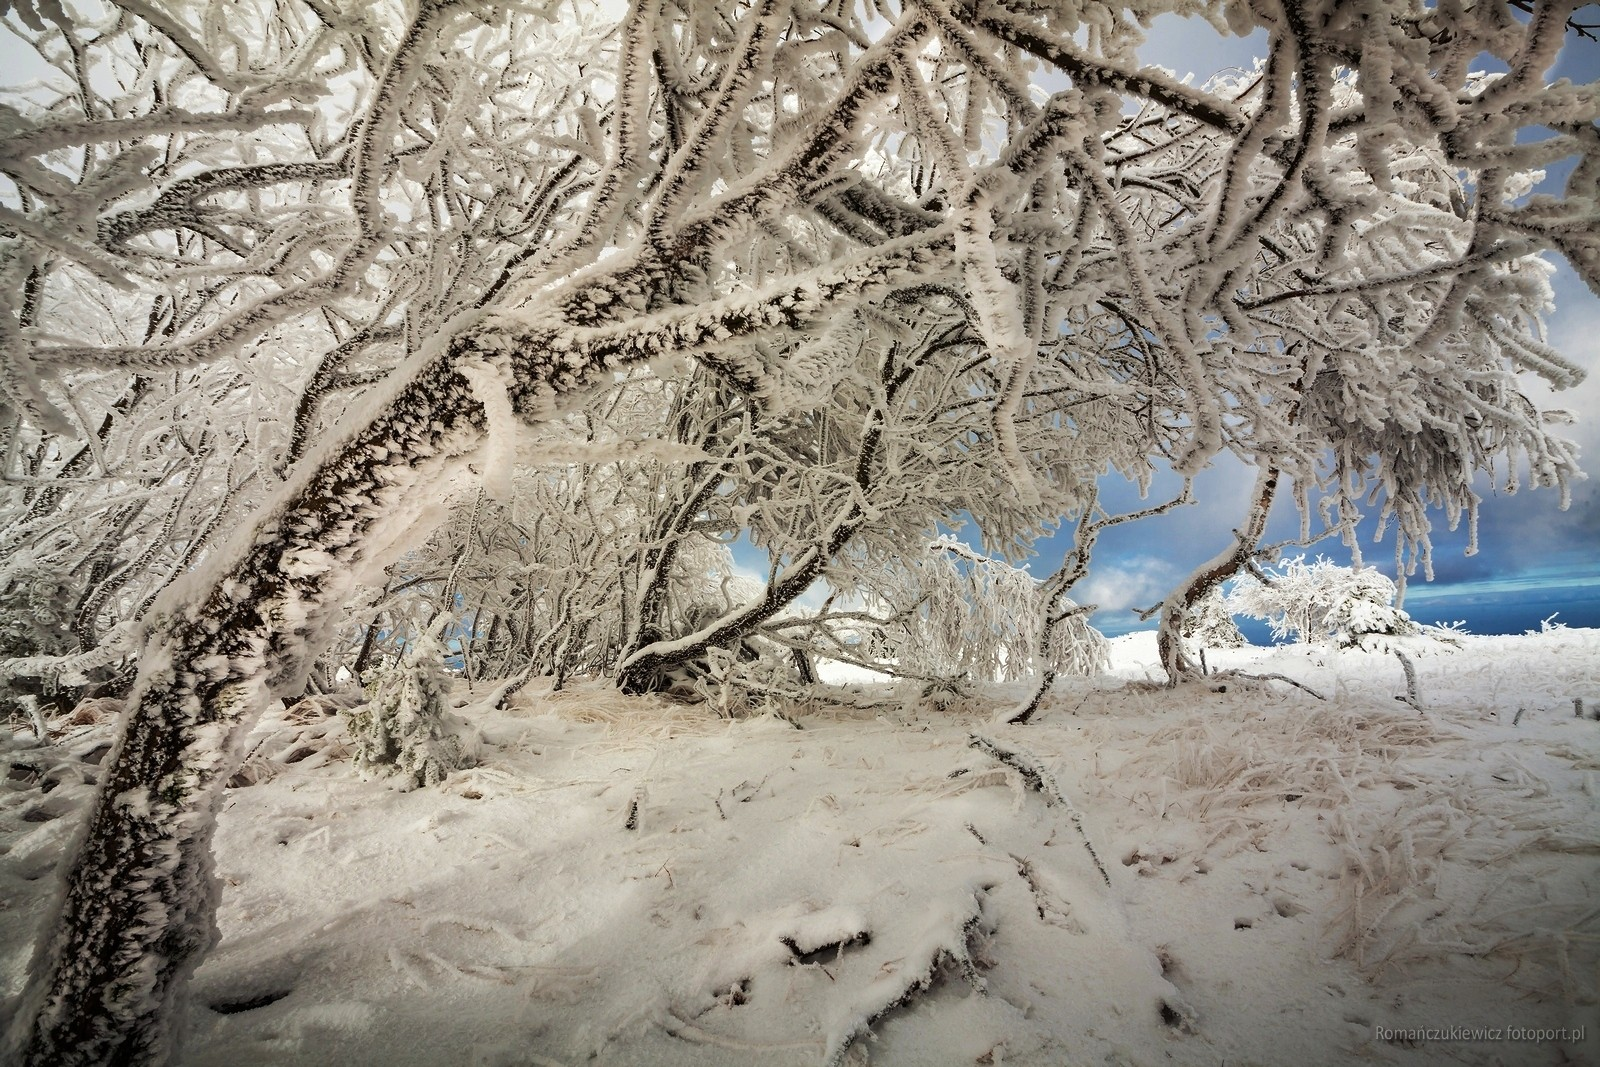 Zaczarowany las wGórach Izerskich